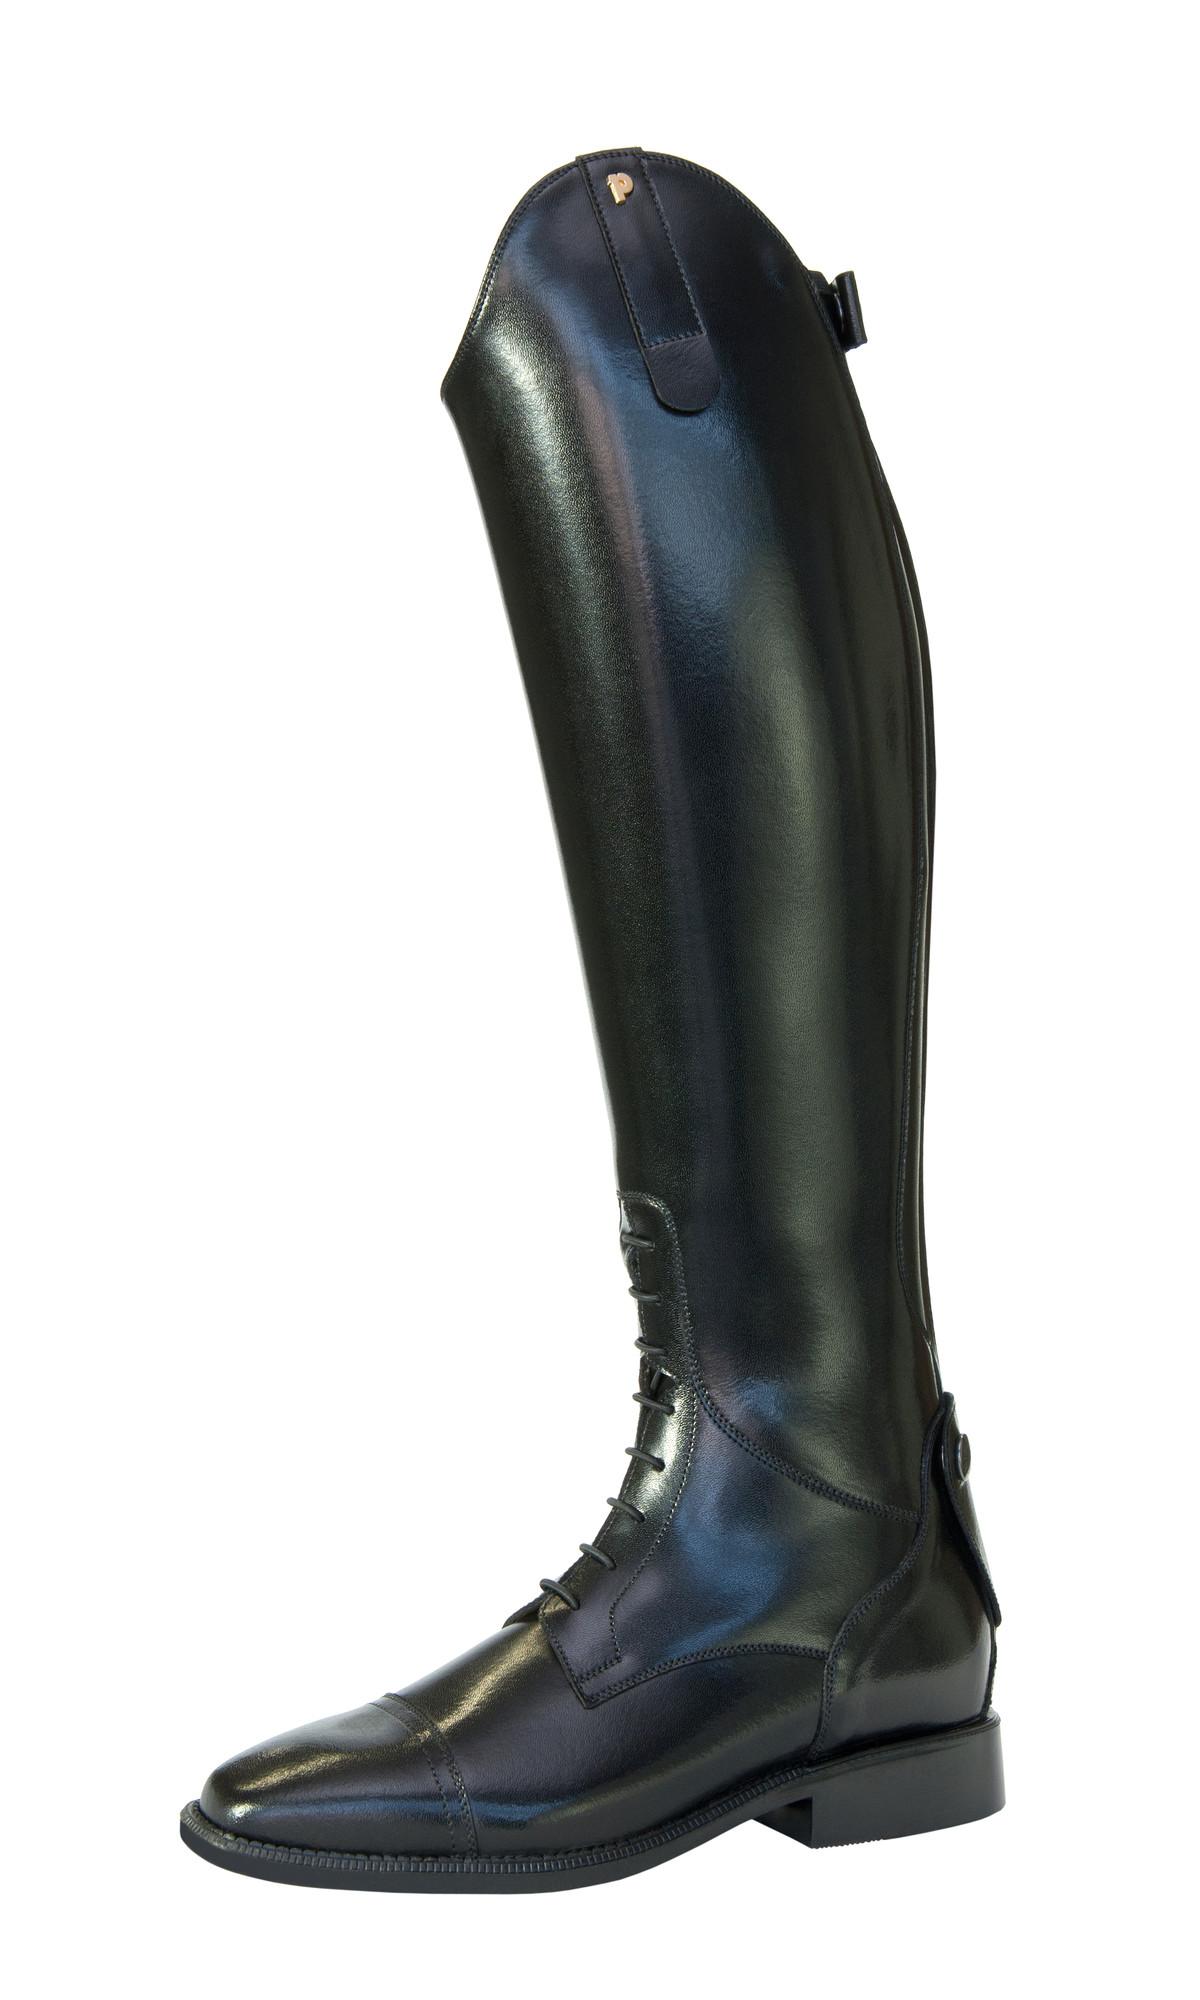 Petrie Melbourne rijlaars zwart maat:8.5xw